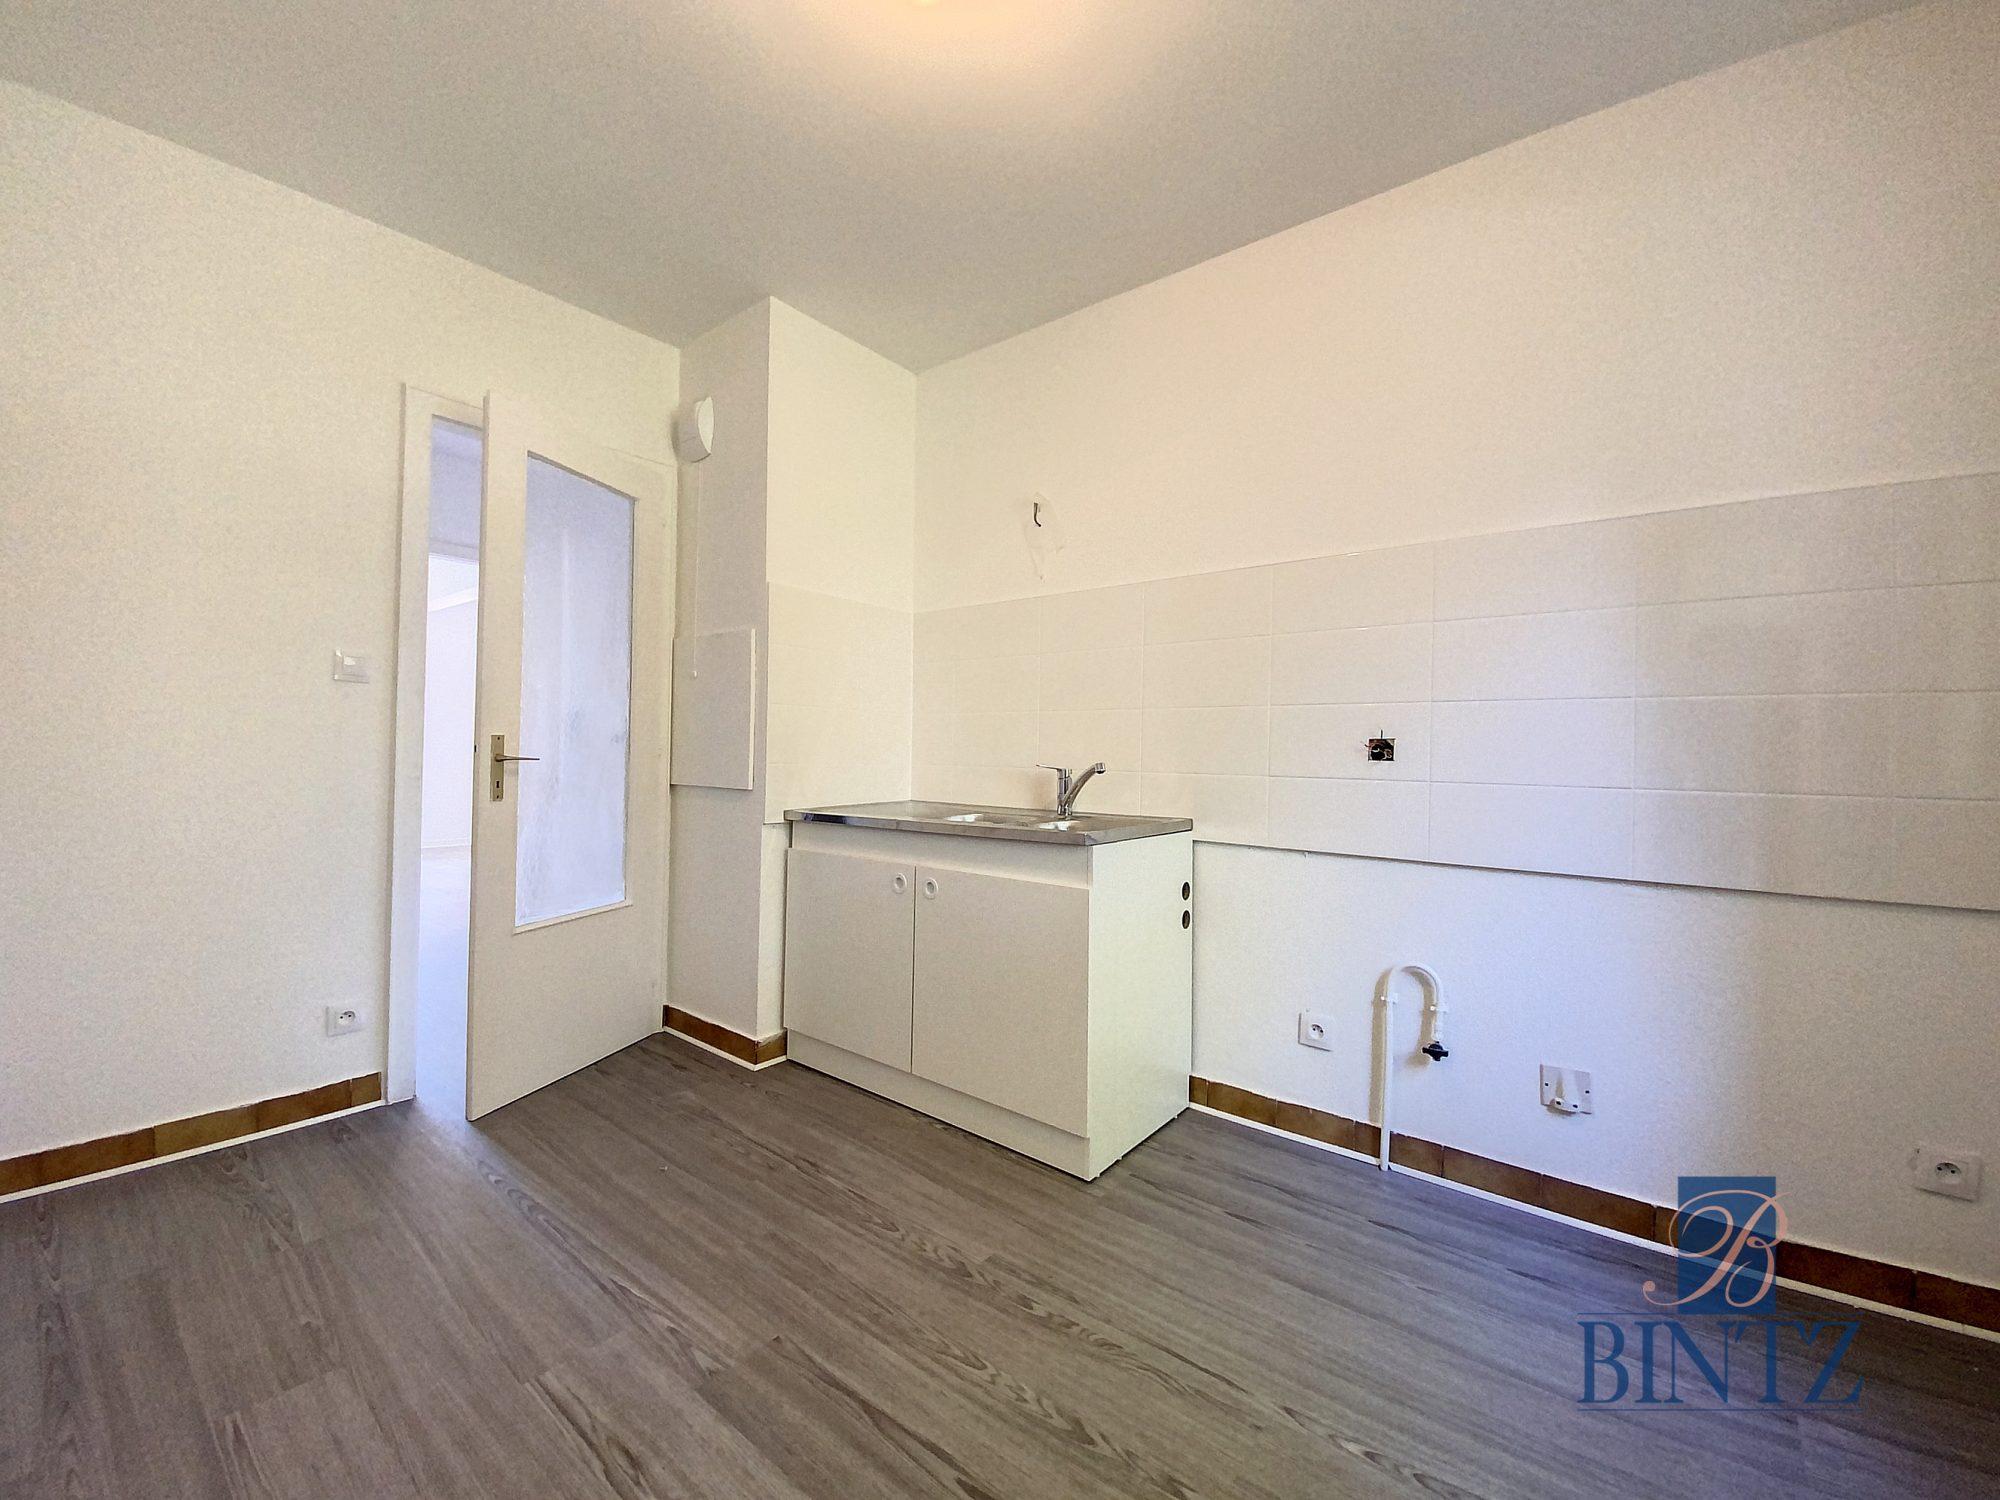 2PÈCES ILLKIRCH - Devenez locataire en toute sérénité - Bintz Immobilier - 6